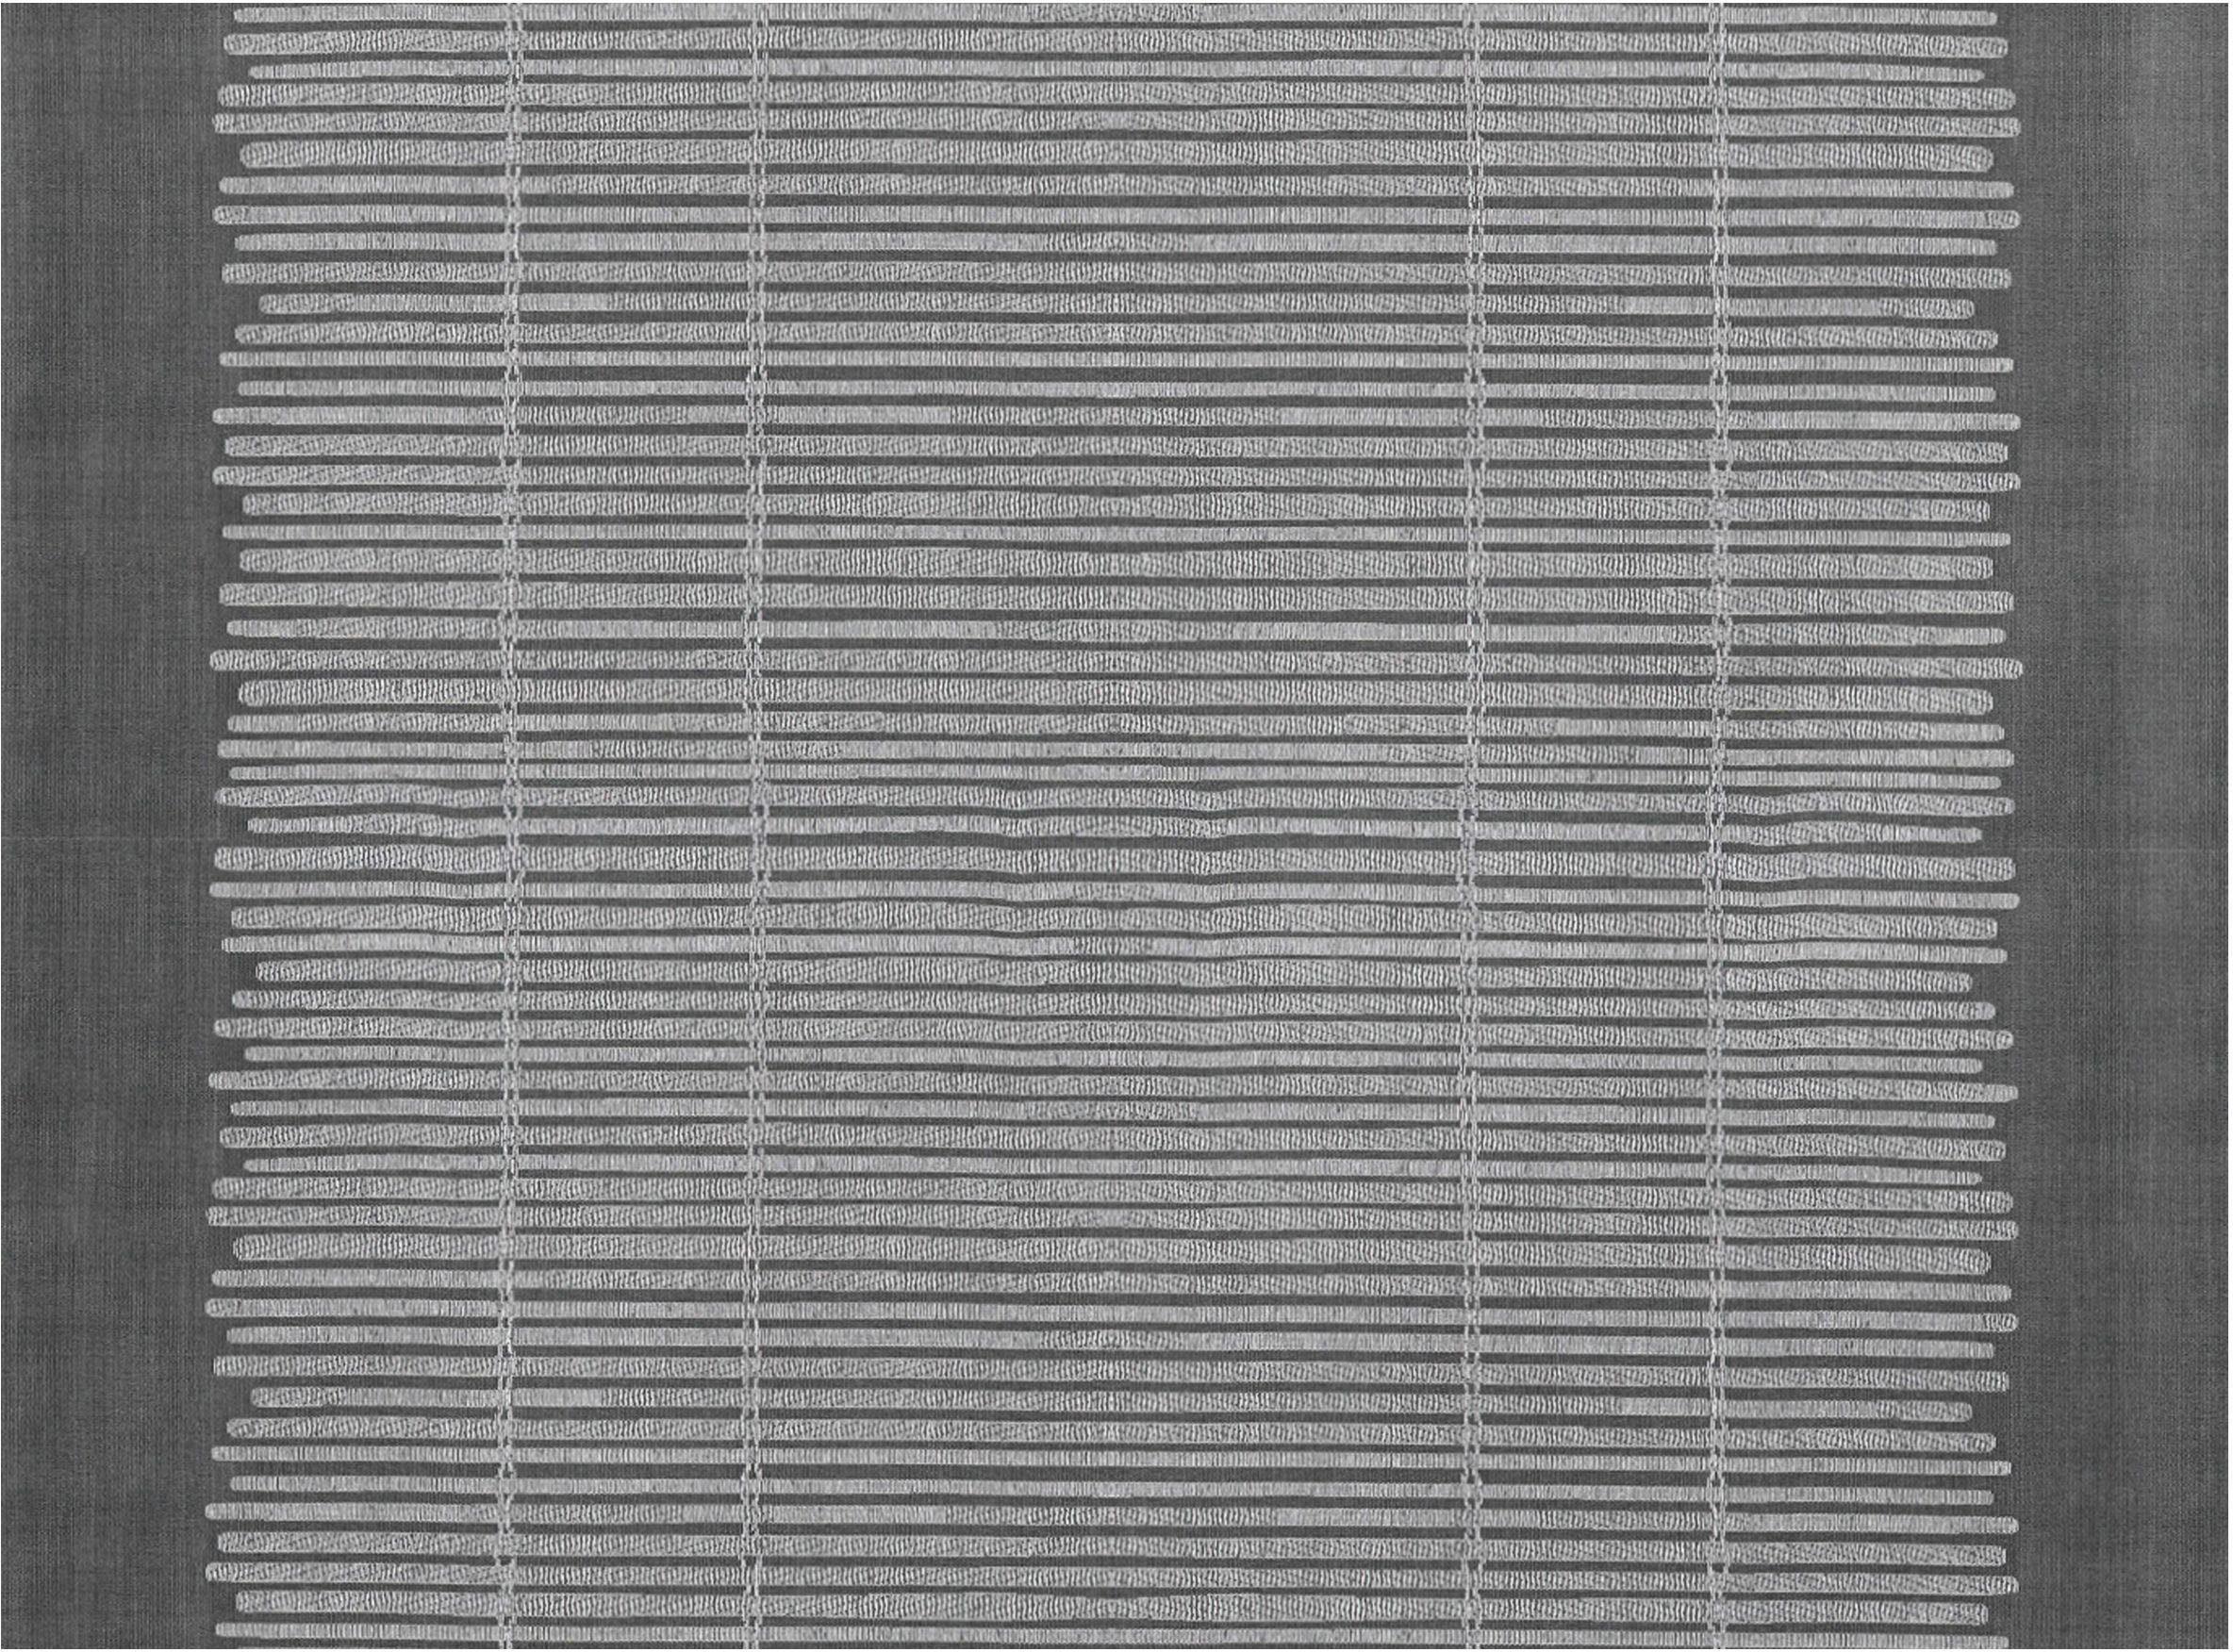 Apelt Tischset 32x45 cm (2-teilig), »3007 Christmas Elegance«